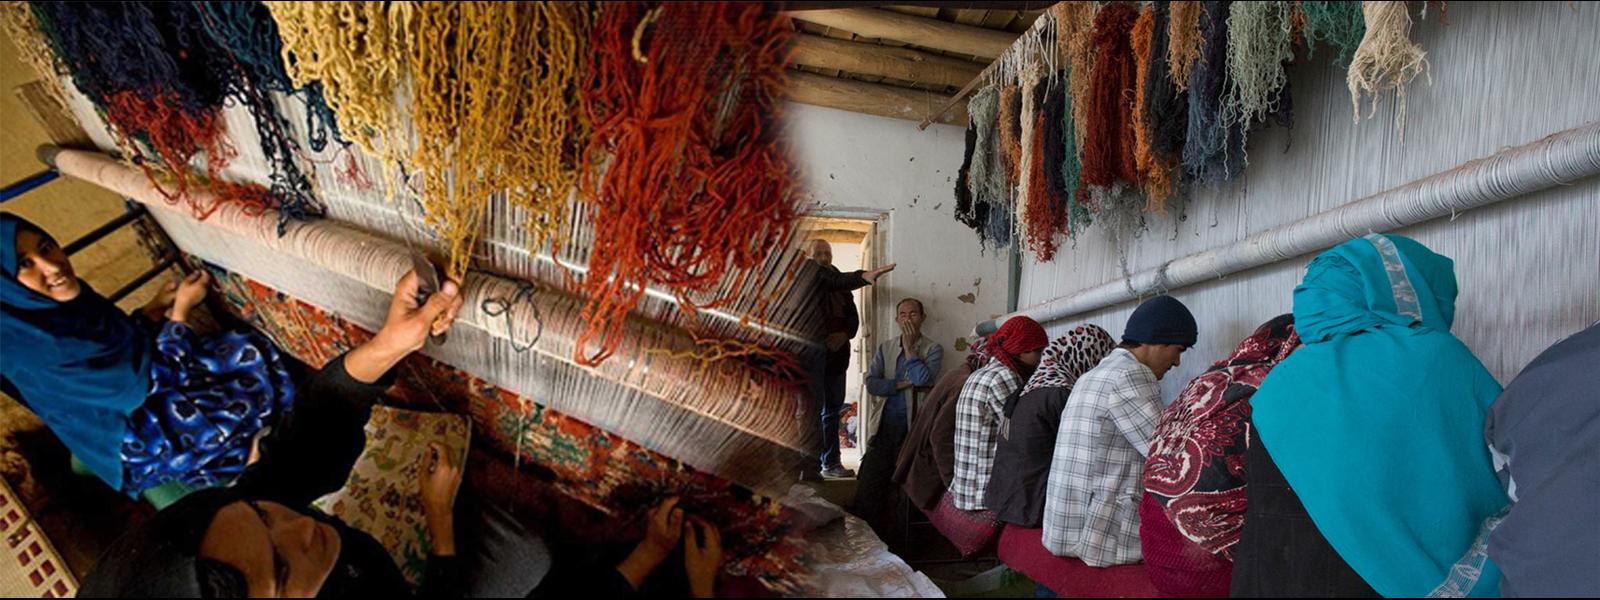 A weaving studio in Bamiyan